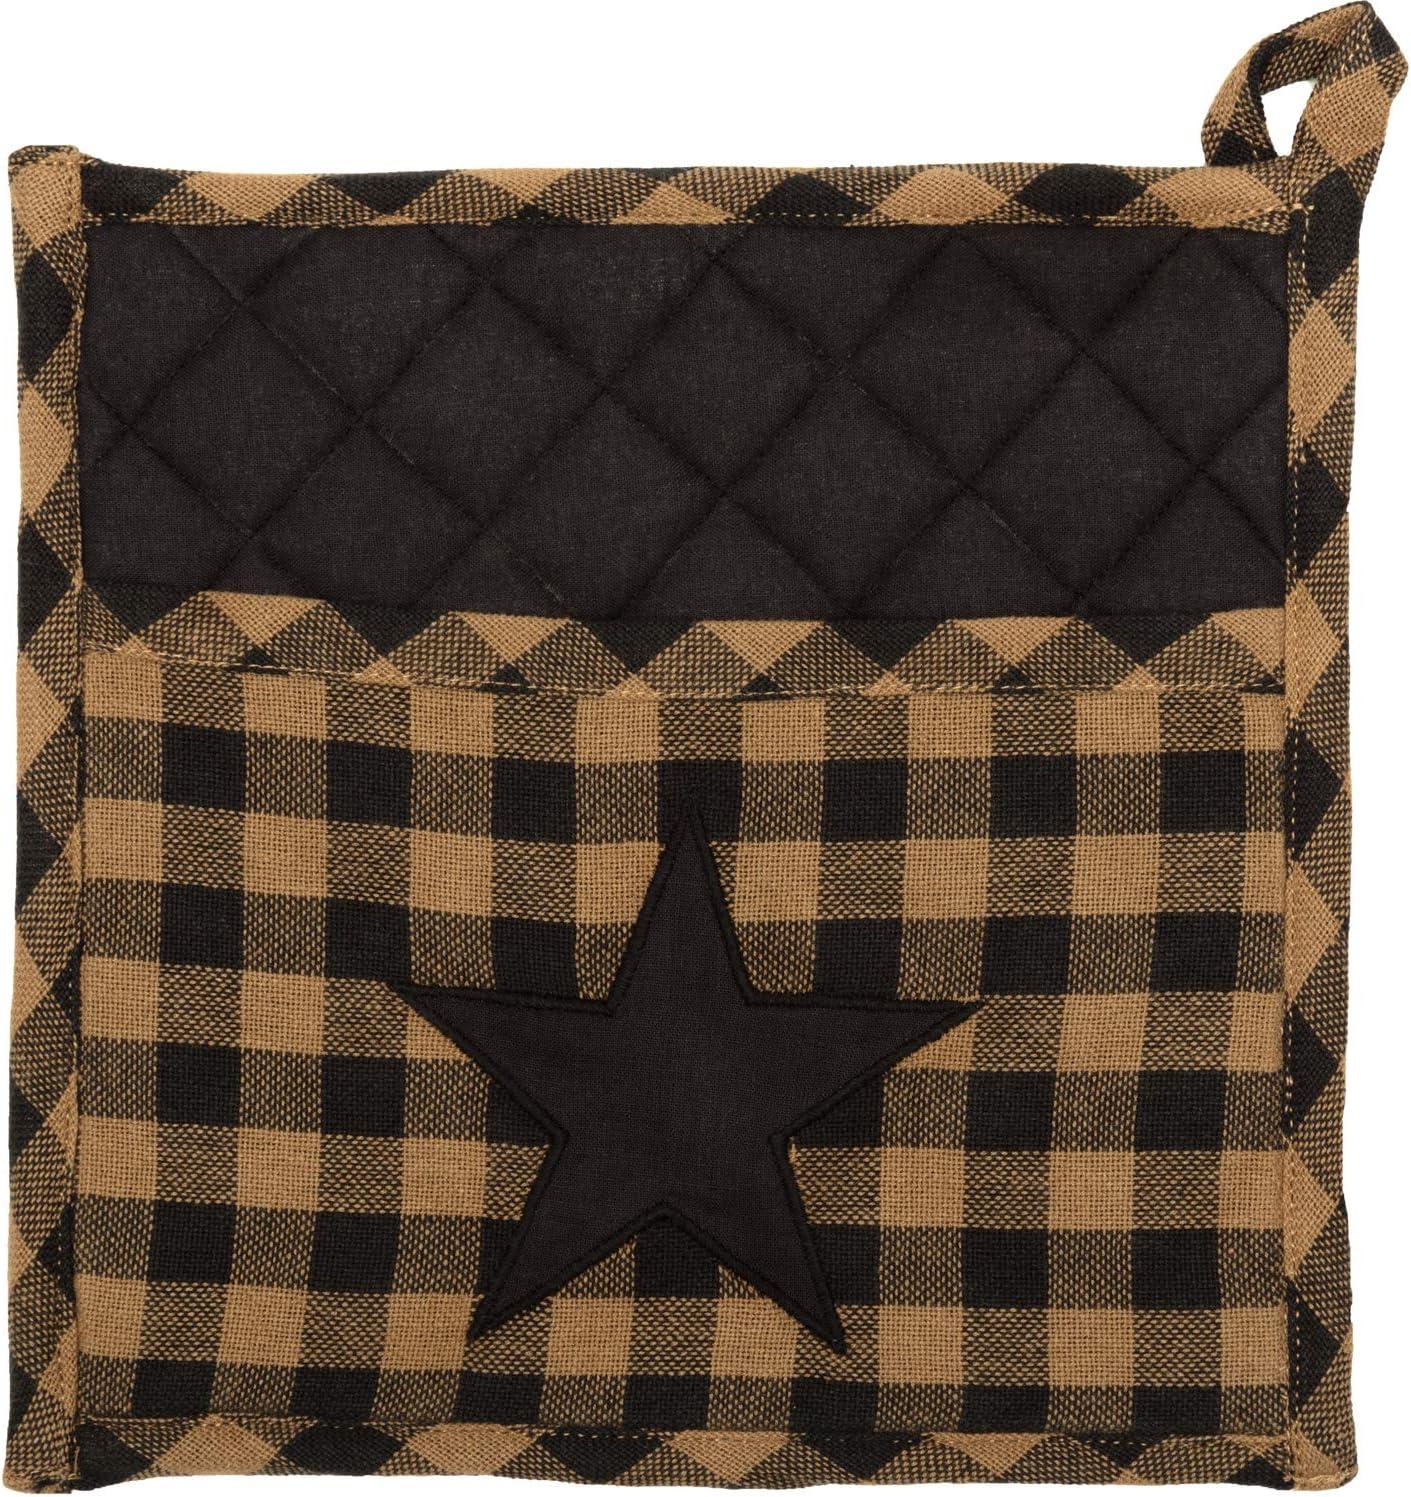 VHC Brands Primitive Tabletop Kitchen Fabric Loop Cotton Appliqued Pocket Star Pot Holder, Raven Black